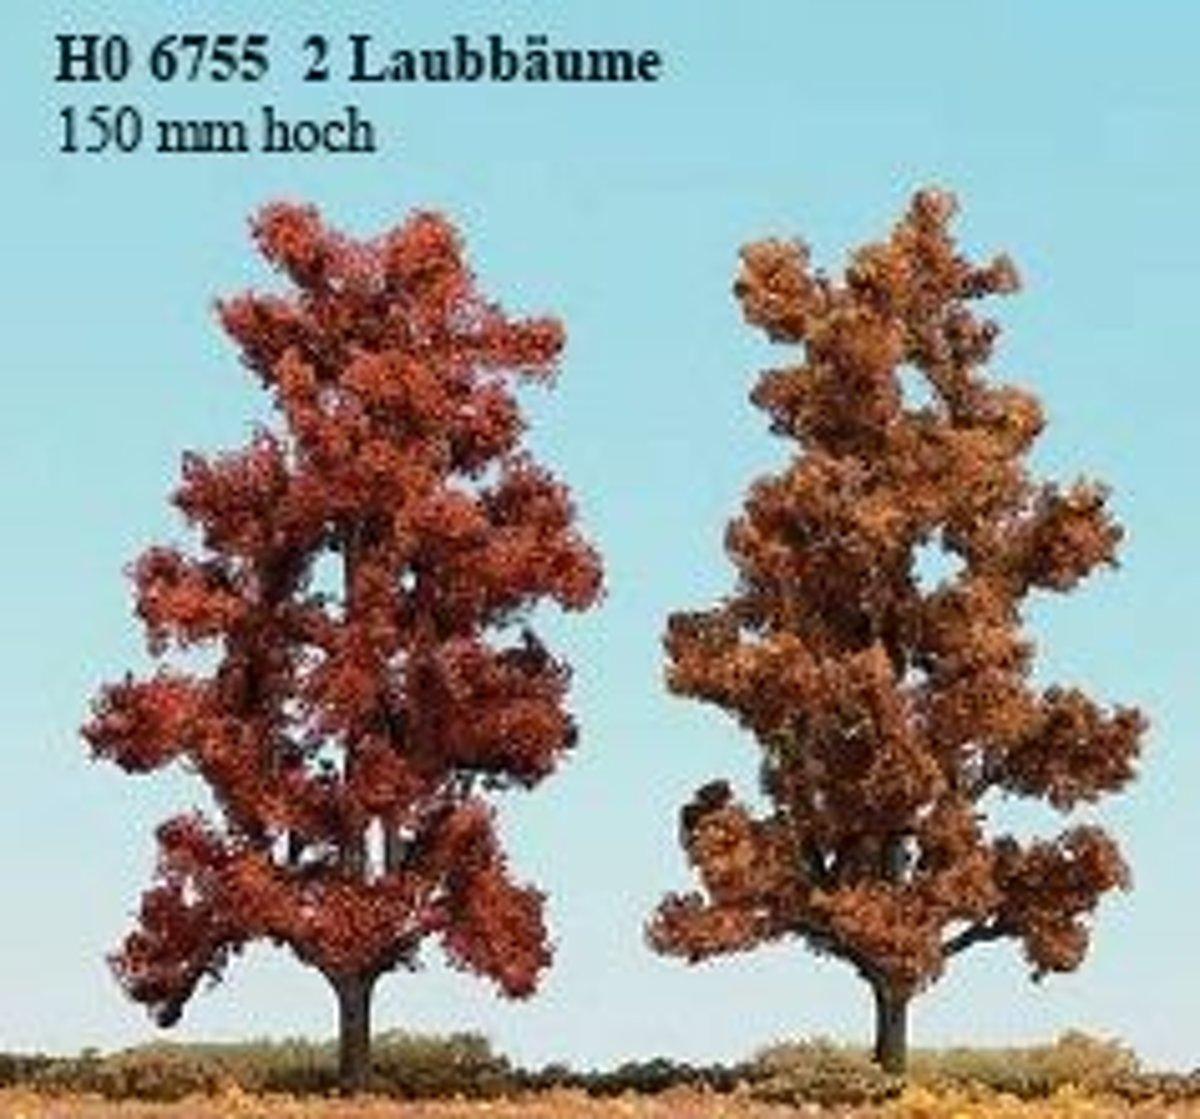 Busch - 2 Laubb�ume 150 Mm, Herbstrot (Bu6755)